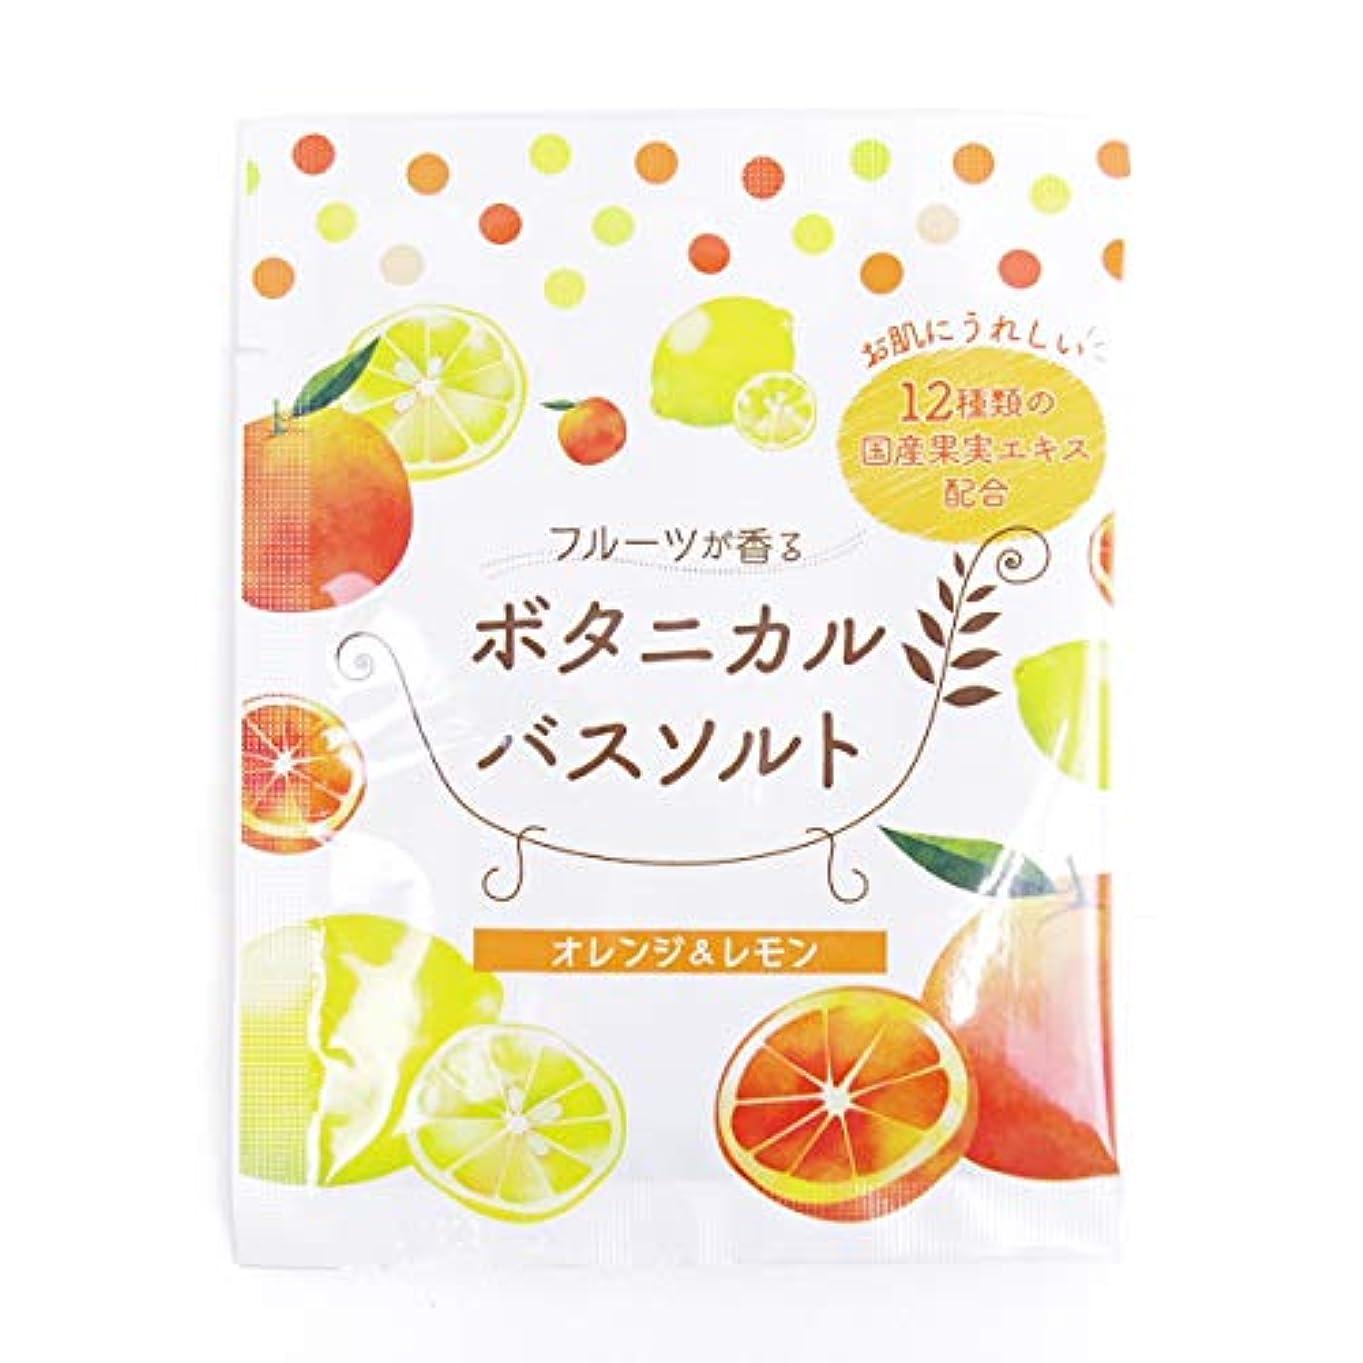 正当化するフライカイト図書館松田医薬品 フルーツが香るボタニカルバスソルト オレンジ&レモン 30g